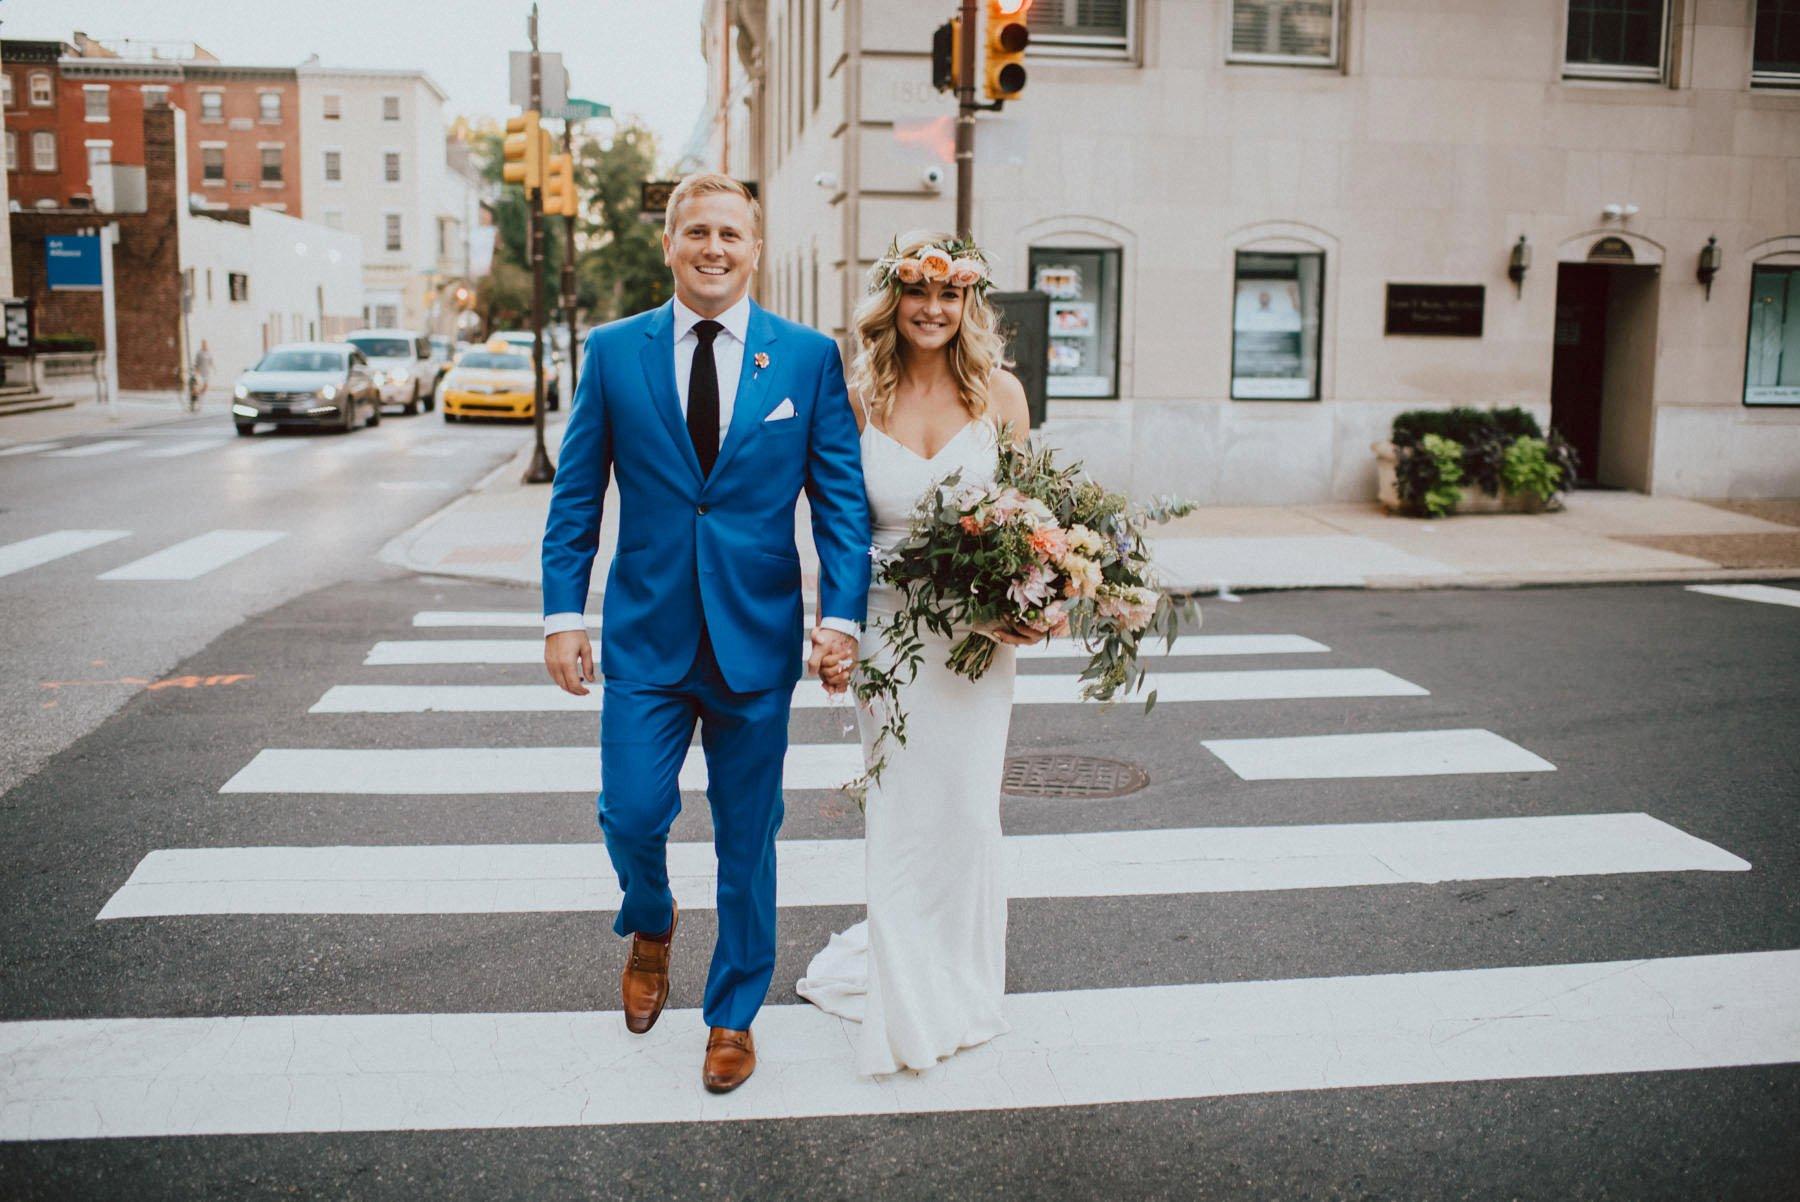 la-cheri-philadelphia-wedding-76.jpg